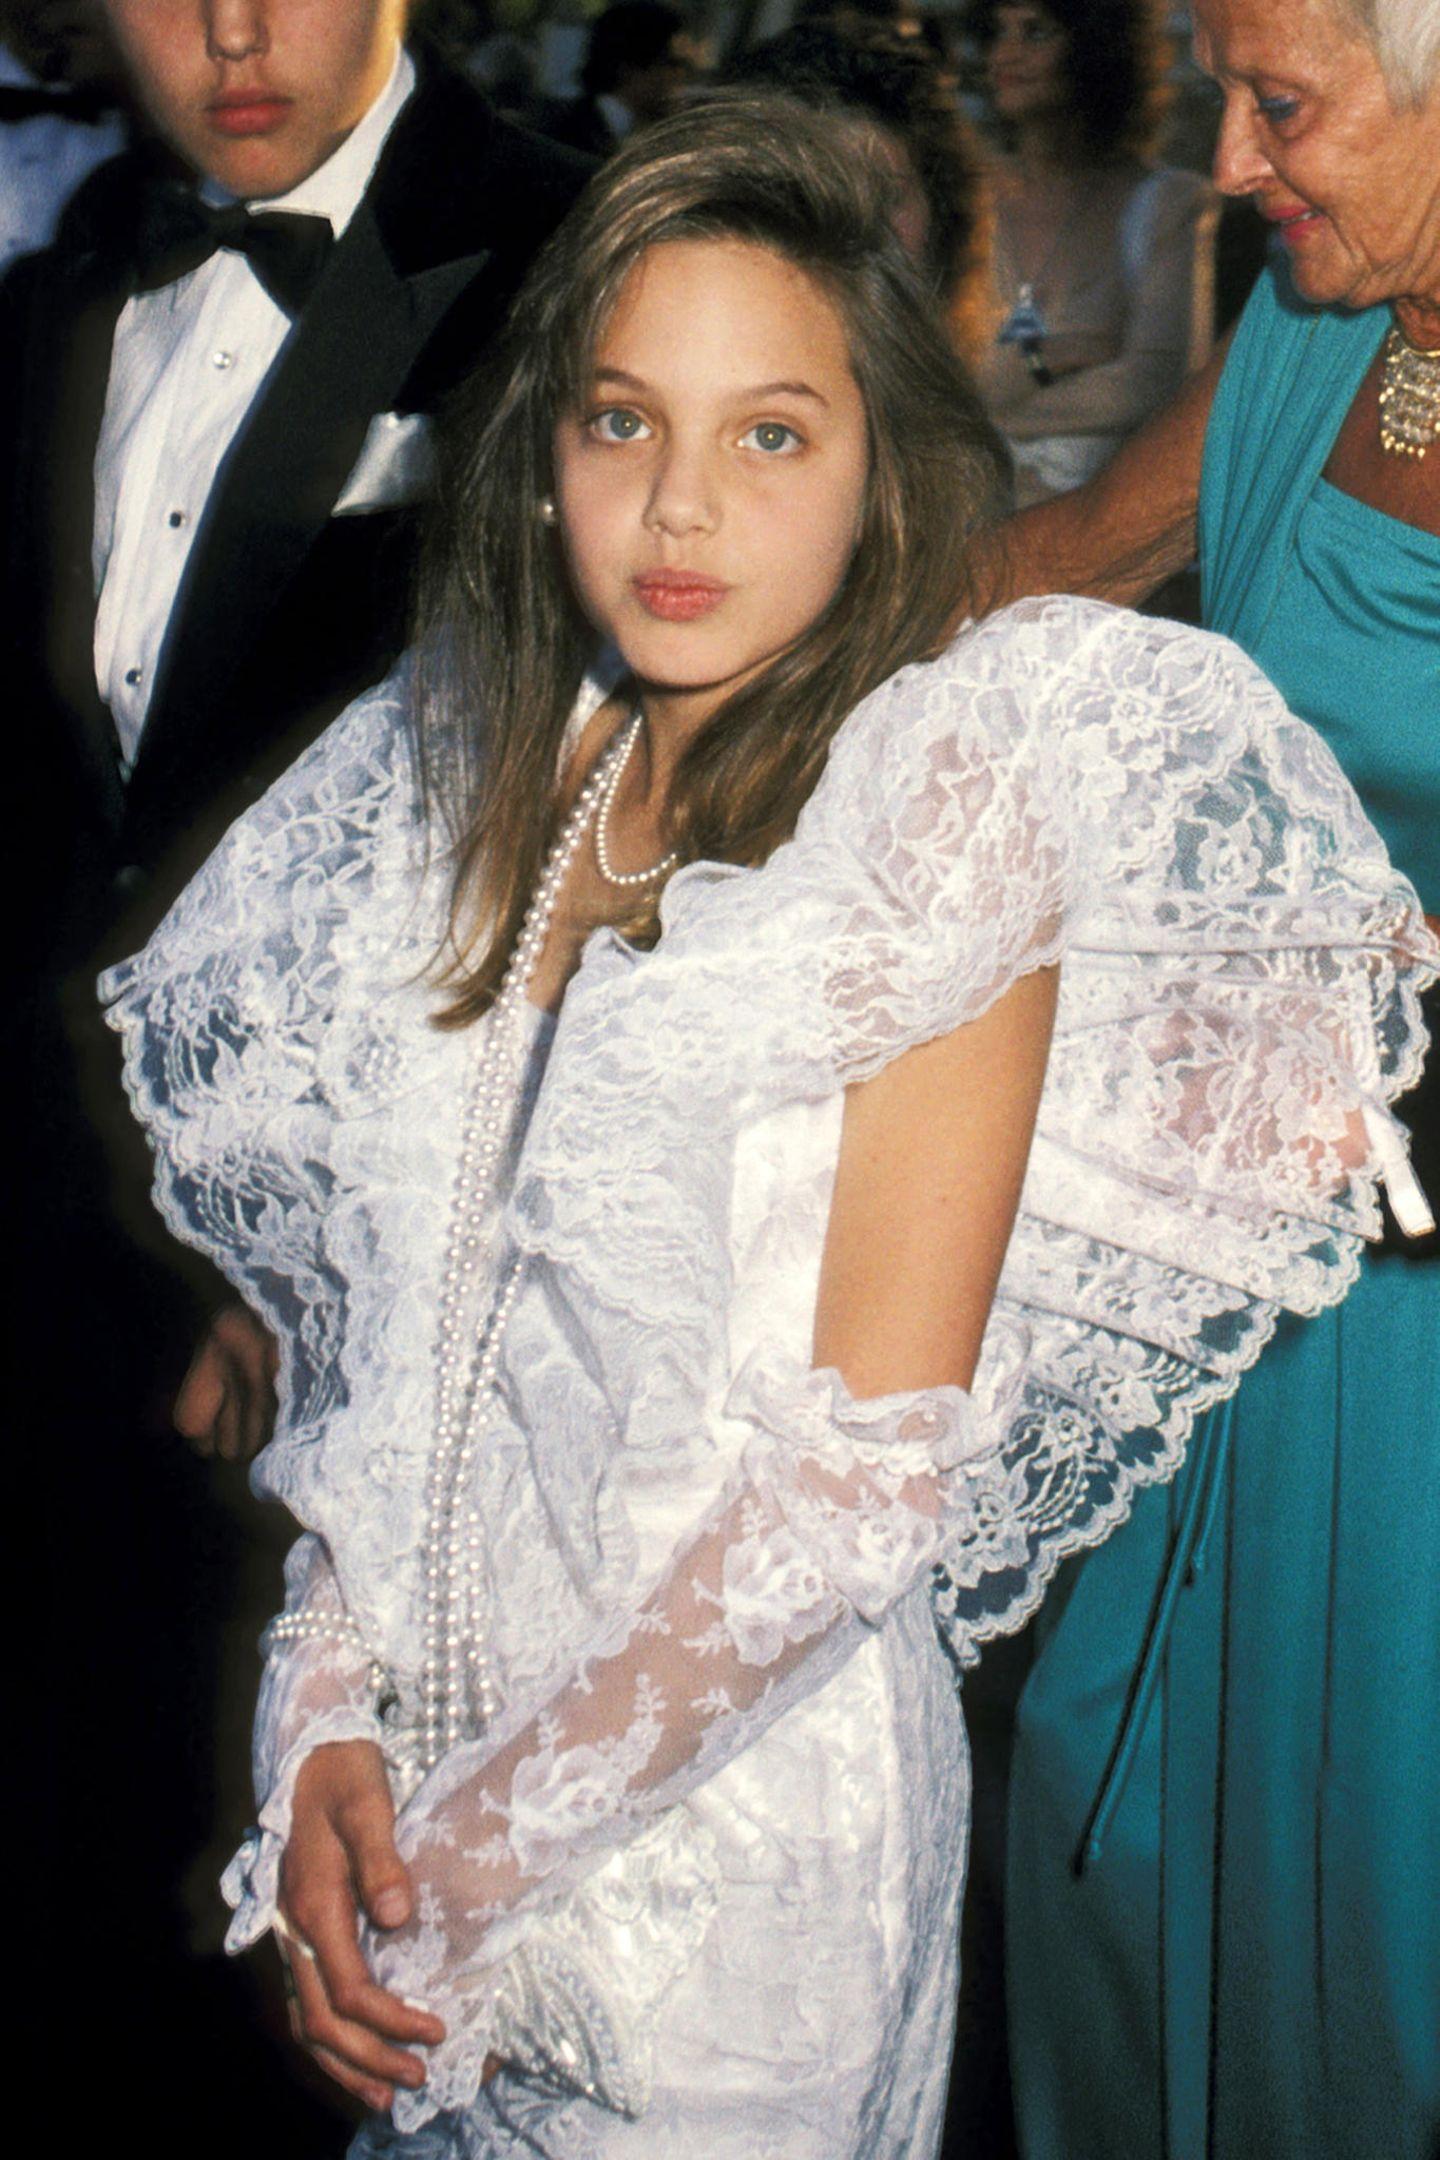 1986  Als Tochter desSchauspielerpaars Jon Voight und Marcheline Bertrand wächst Angelina Jolie mit dem Glamour und Trubel Hollywoods auf. Als niedliche Zehnjährige gab sie sogar schon ihr Debüt auf dem roten Teppich der Oscars, ganz unschuldig im weißen Spitzenkleid.